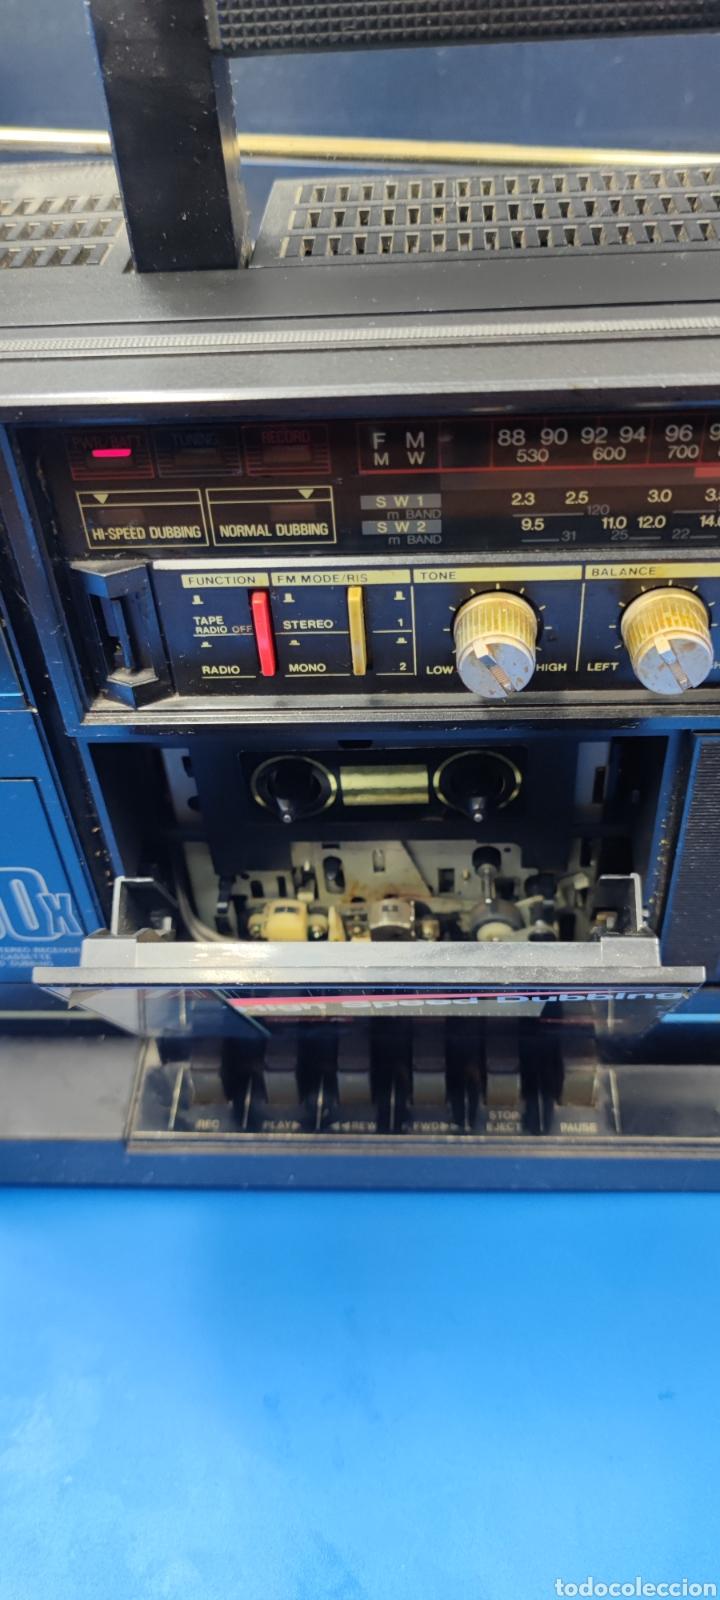 Radios antiguas: RADIO CASSETTE SILVER SR 50 X VINTAGE - Foto 5 - 286408988